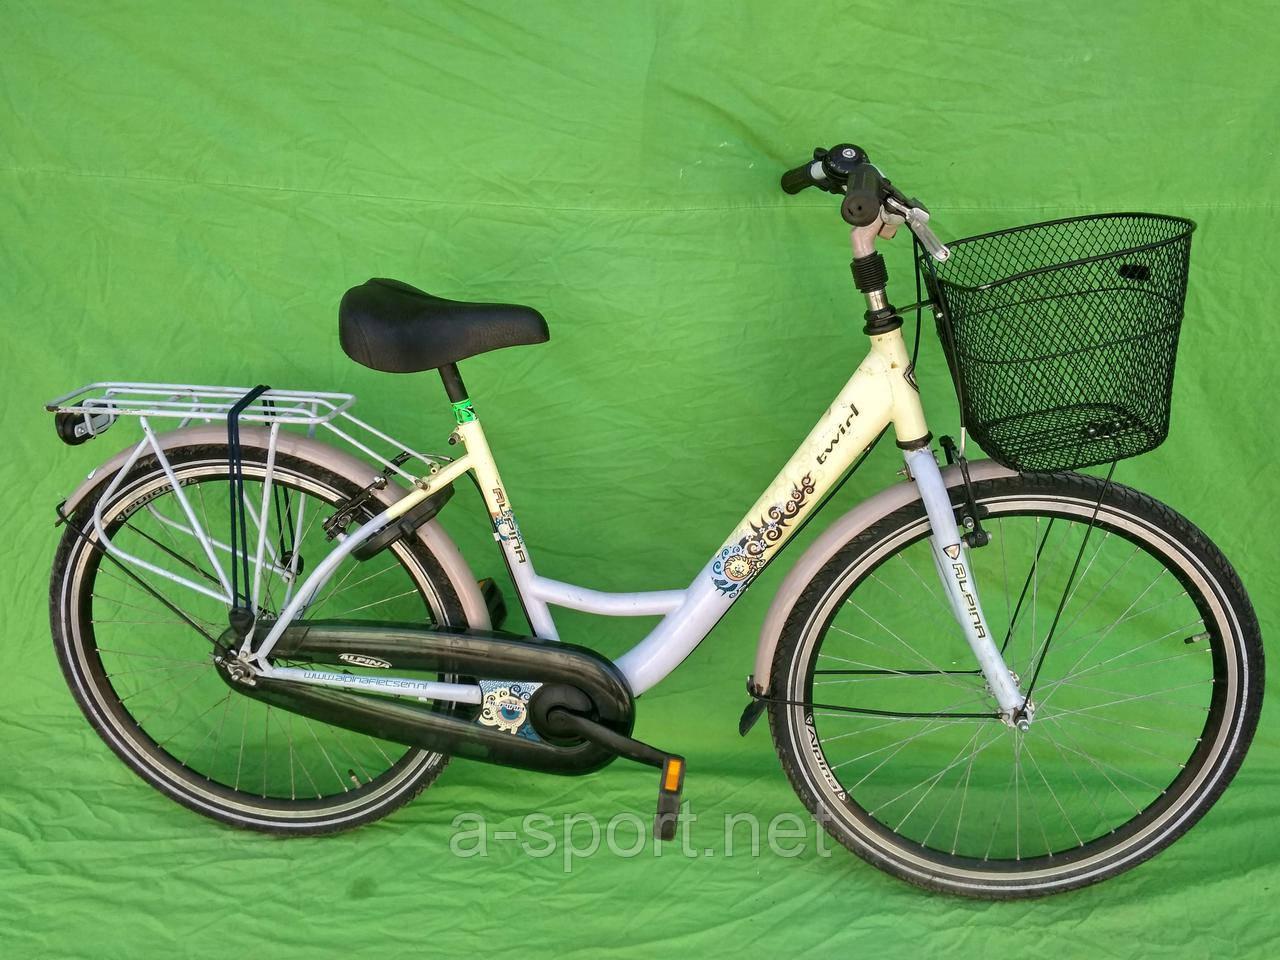 Жіночий велосипед, дамка Alpina, колеса 26